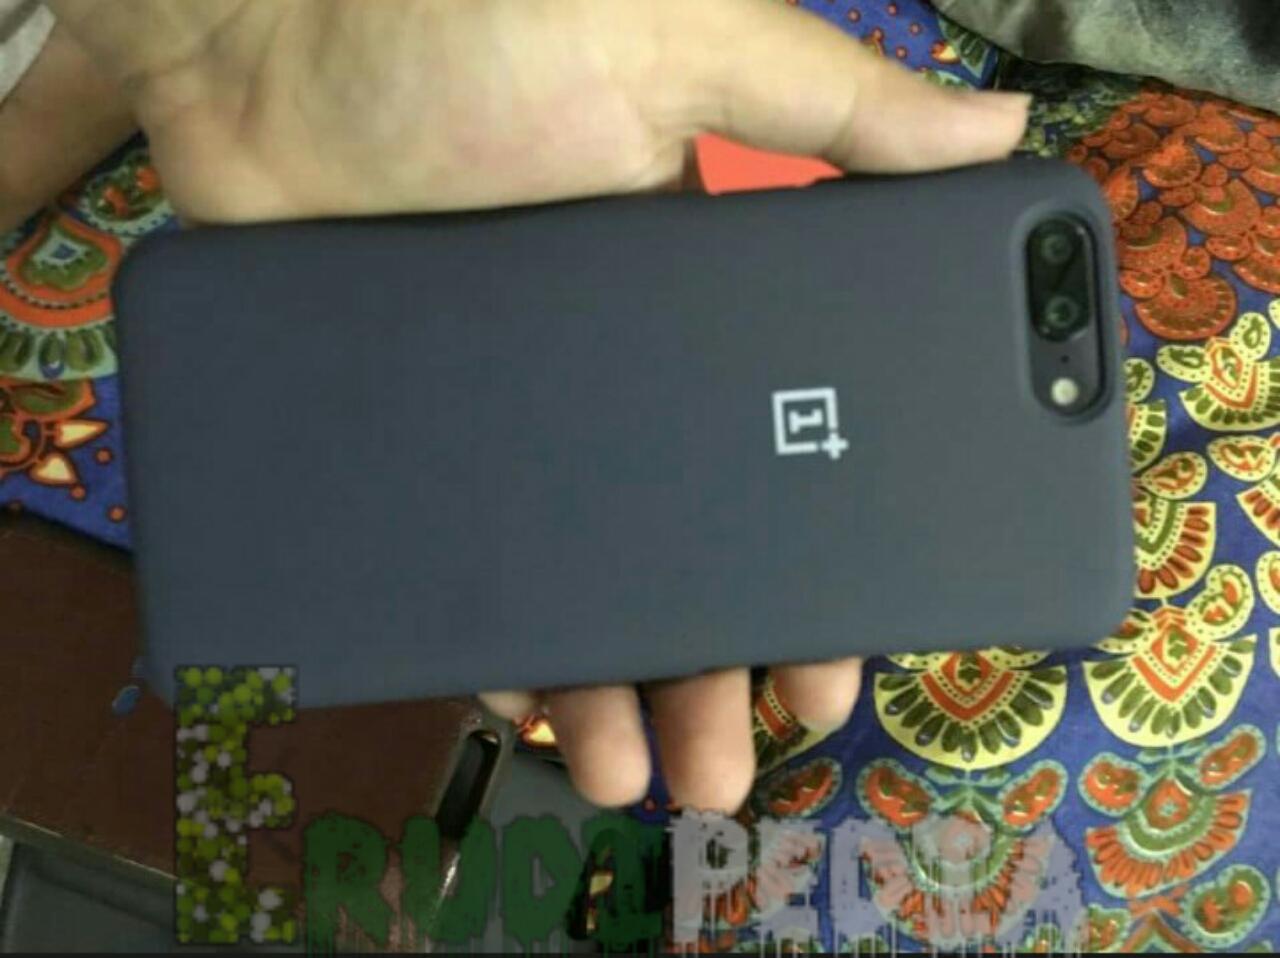 OnePlus phones cases